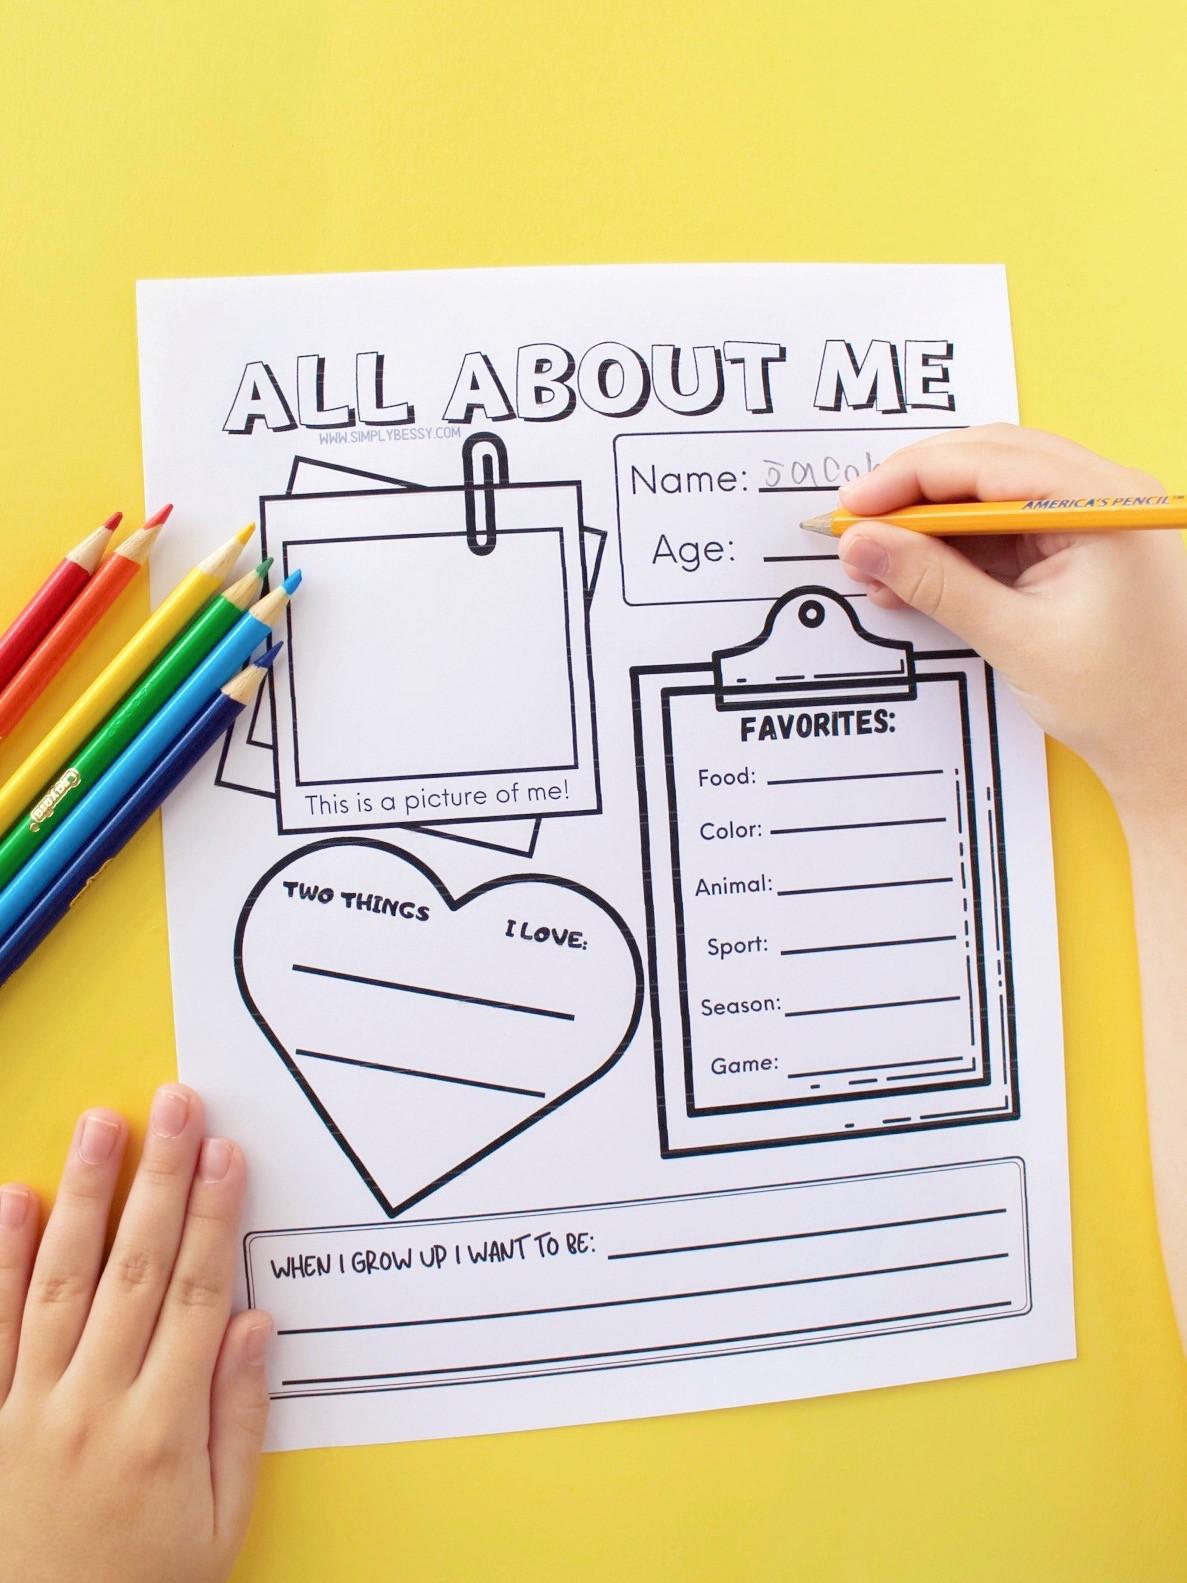 All About Me Worksheet All About Me Worksheet Free Printable